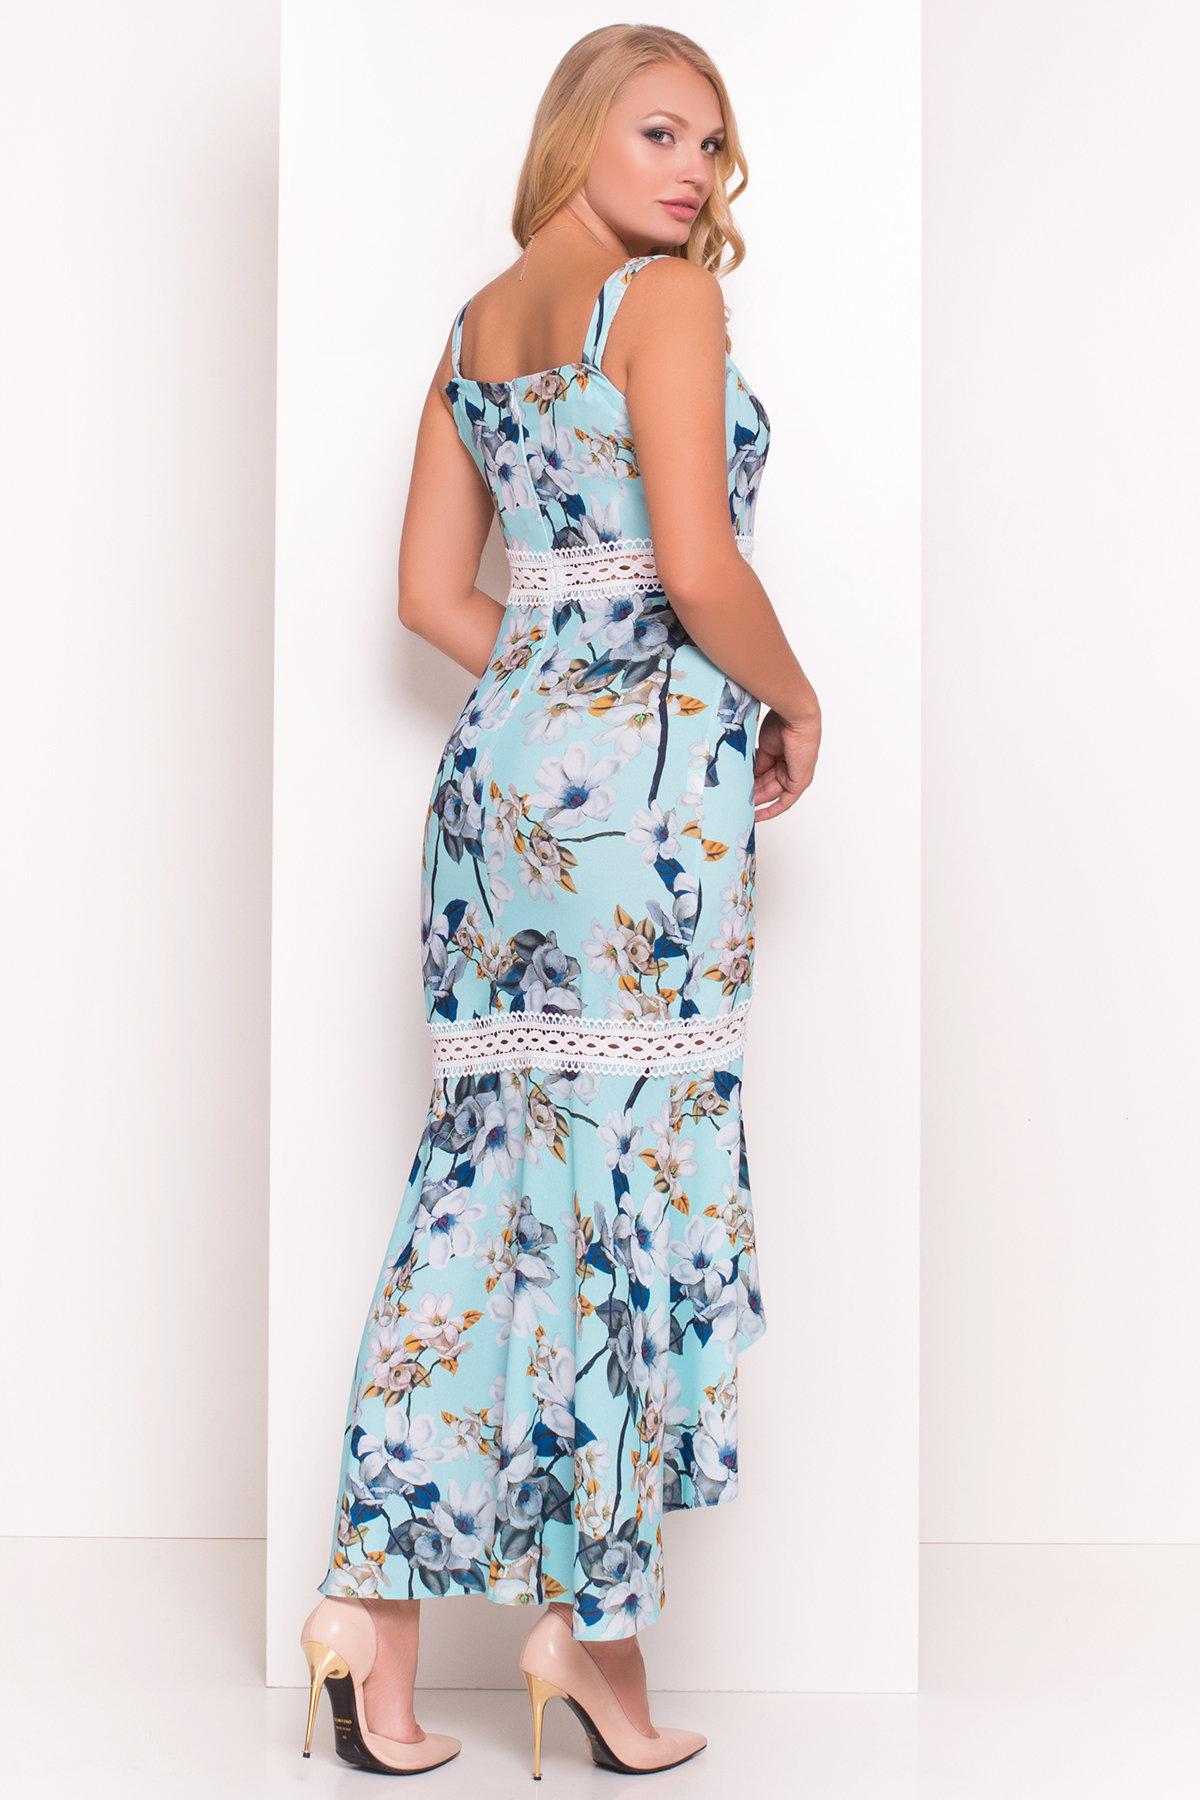 Платье Регина Donna 5102 АРТ. 35869 Цвет: Мята/серый - фото 3, интернет магазин tm-modus.ru